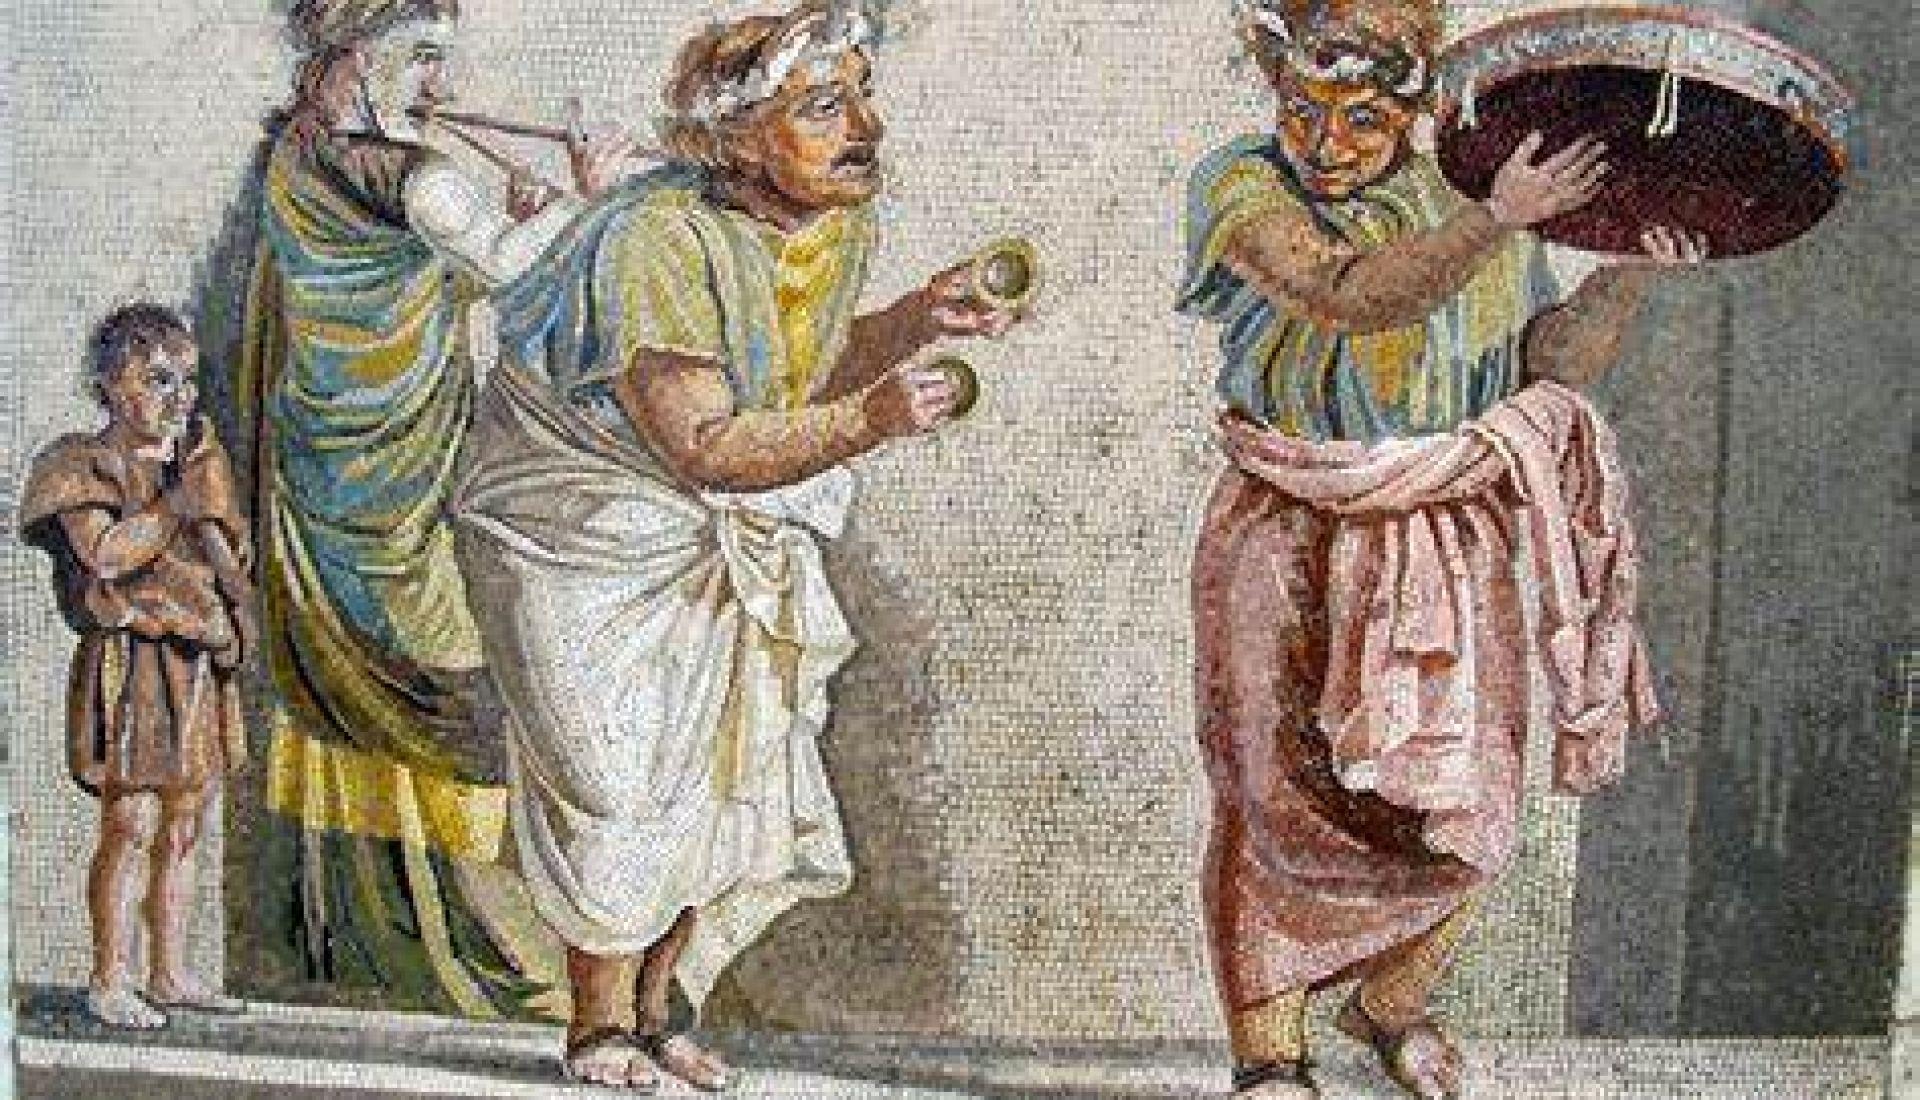 Le théâtre à la fin de l'Antiquité : acteurs, danseurs et pantomimes